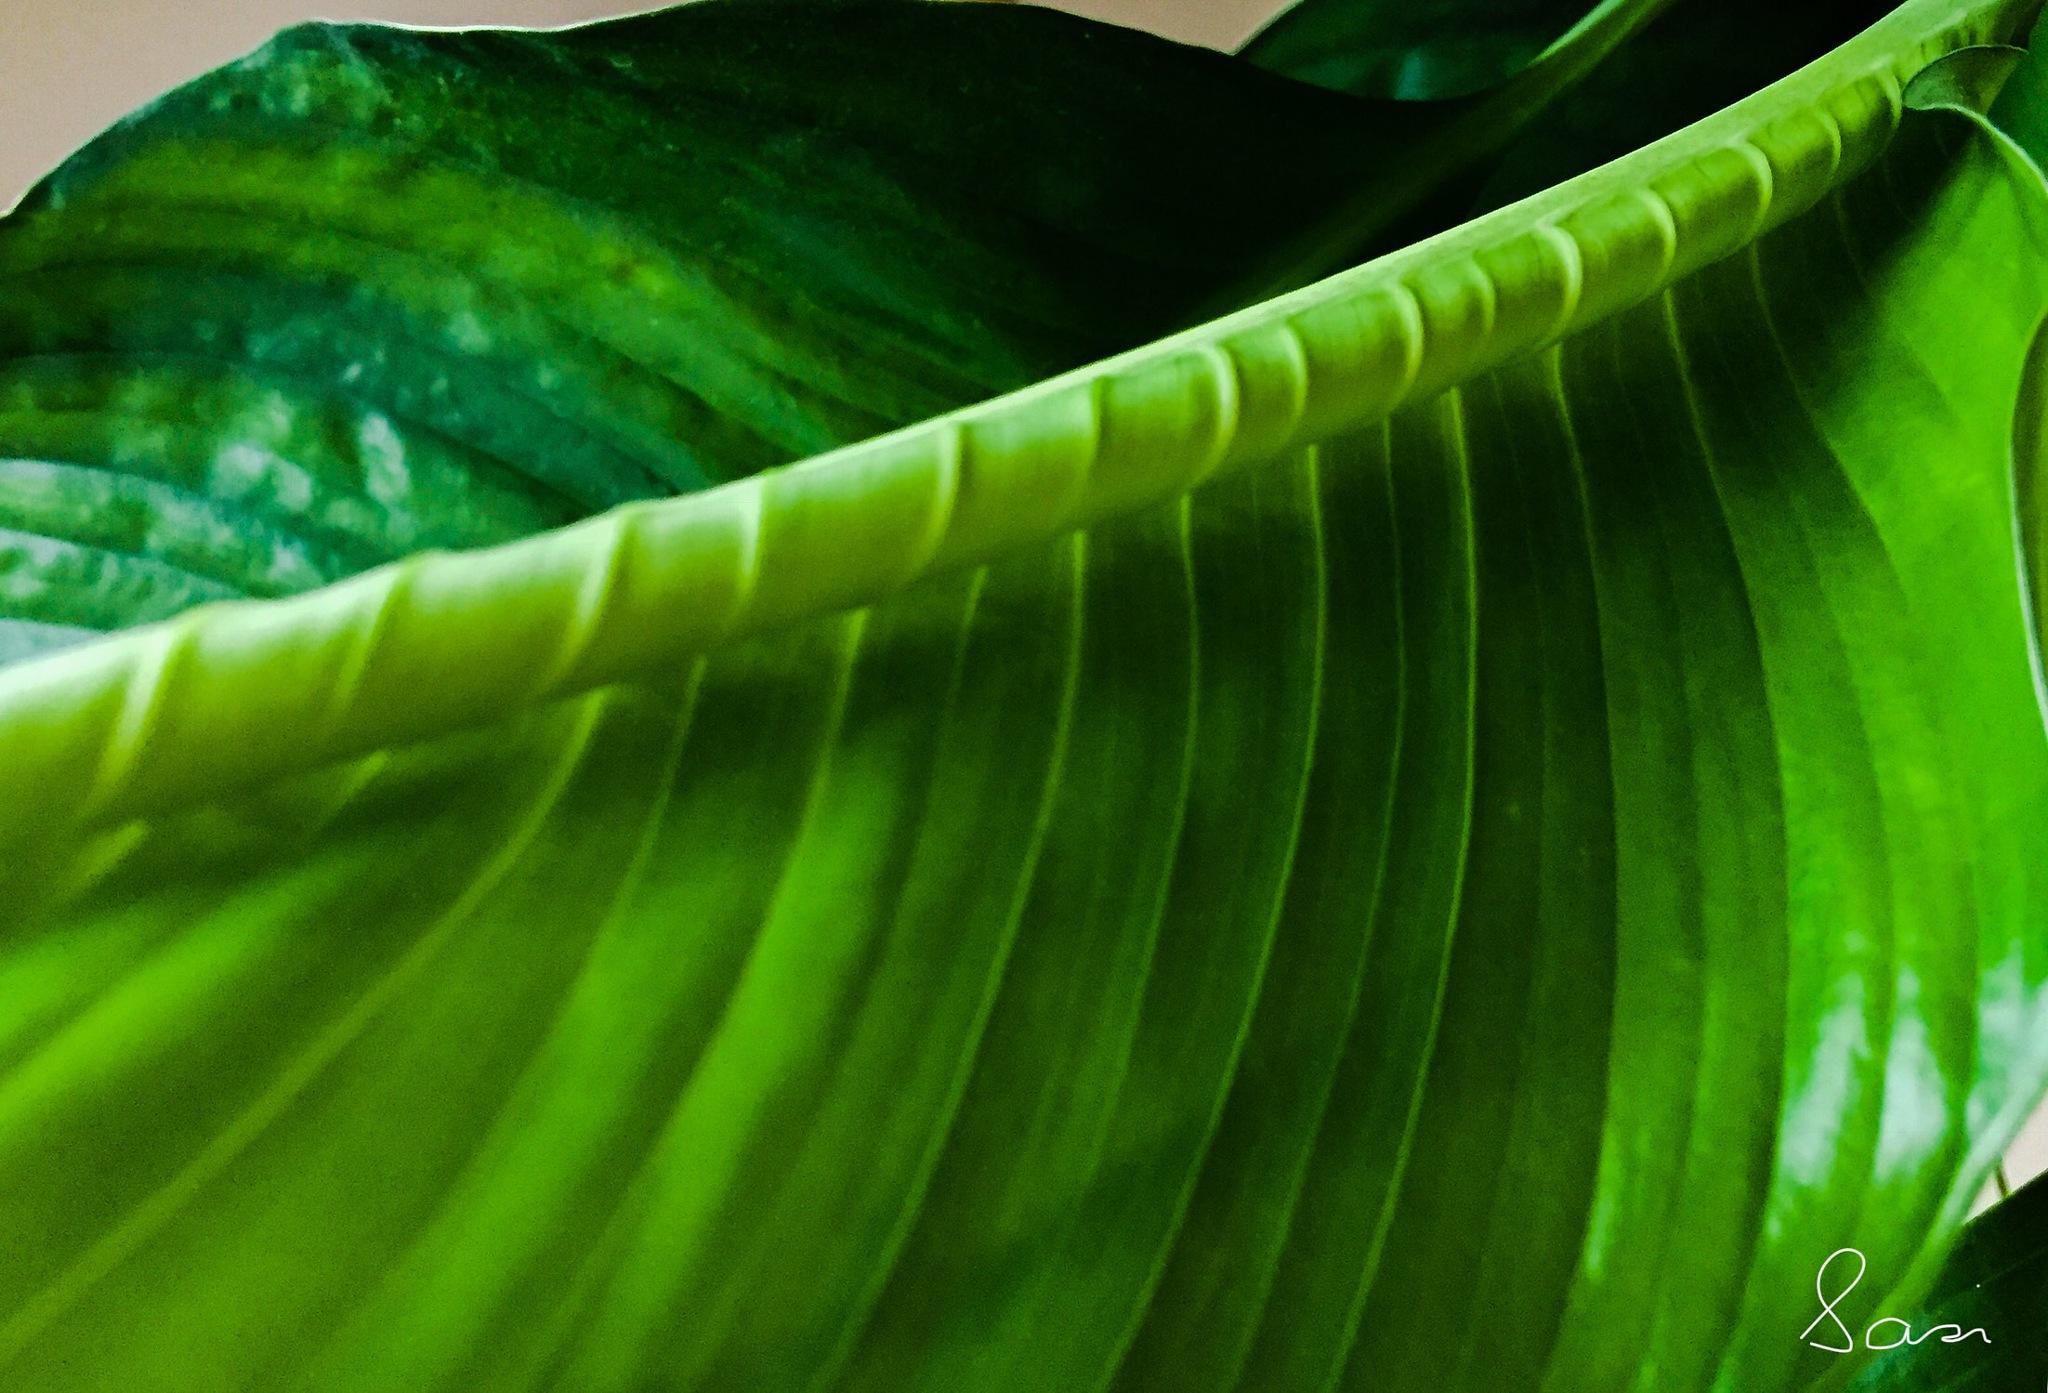 A leaf unfurling✨ by Sarah Grundel